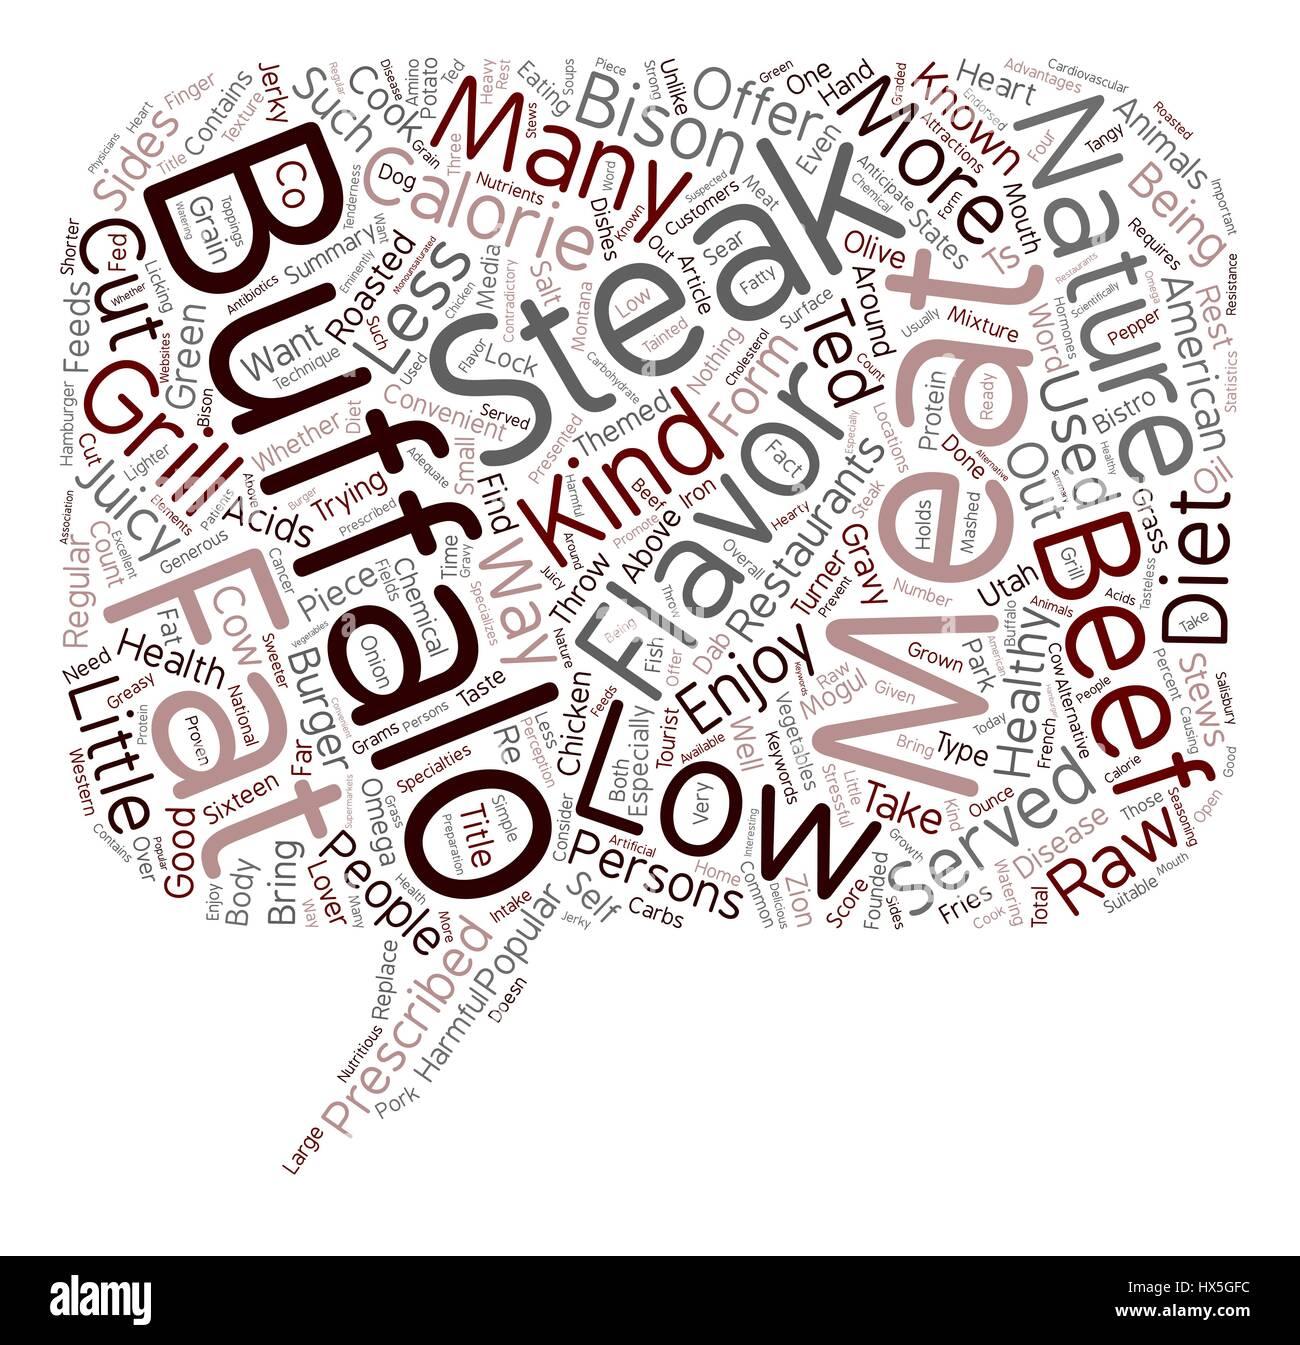 Carni di bufalo un taglio sopra il resto dello sfondo del testo concetto wordcloud Illustrazione Vettoriale